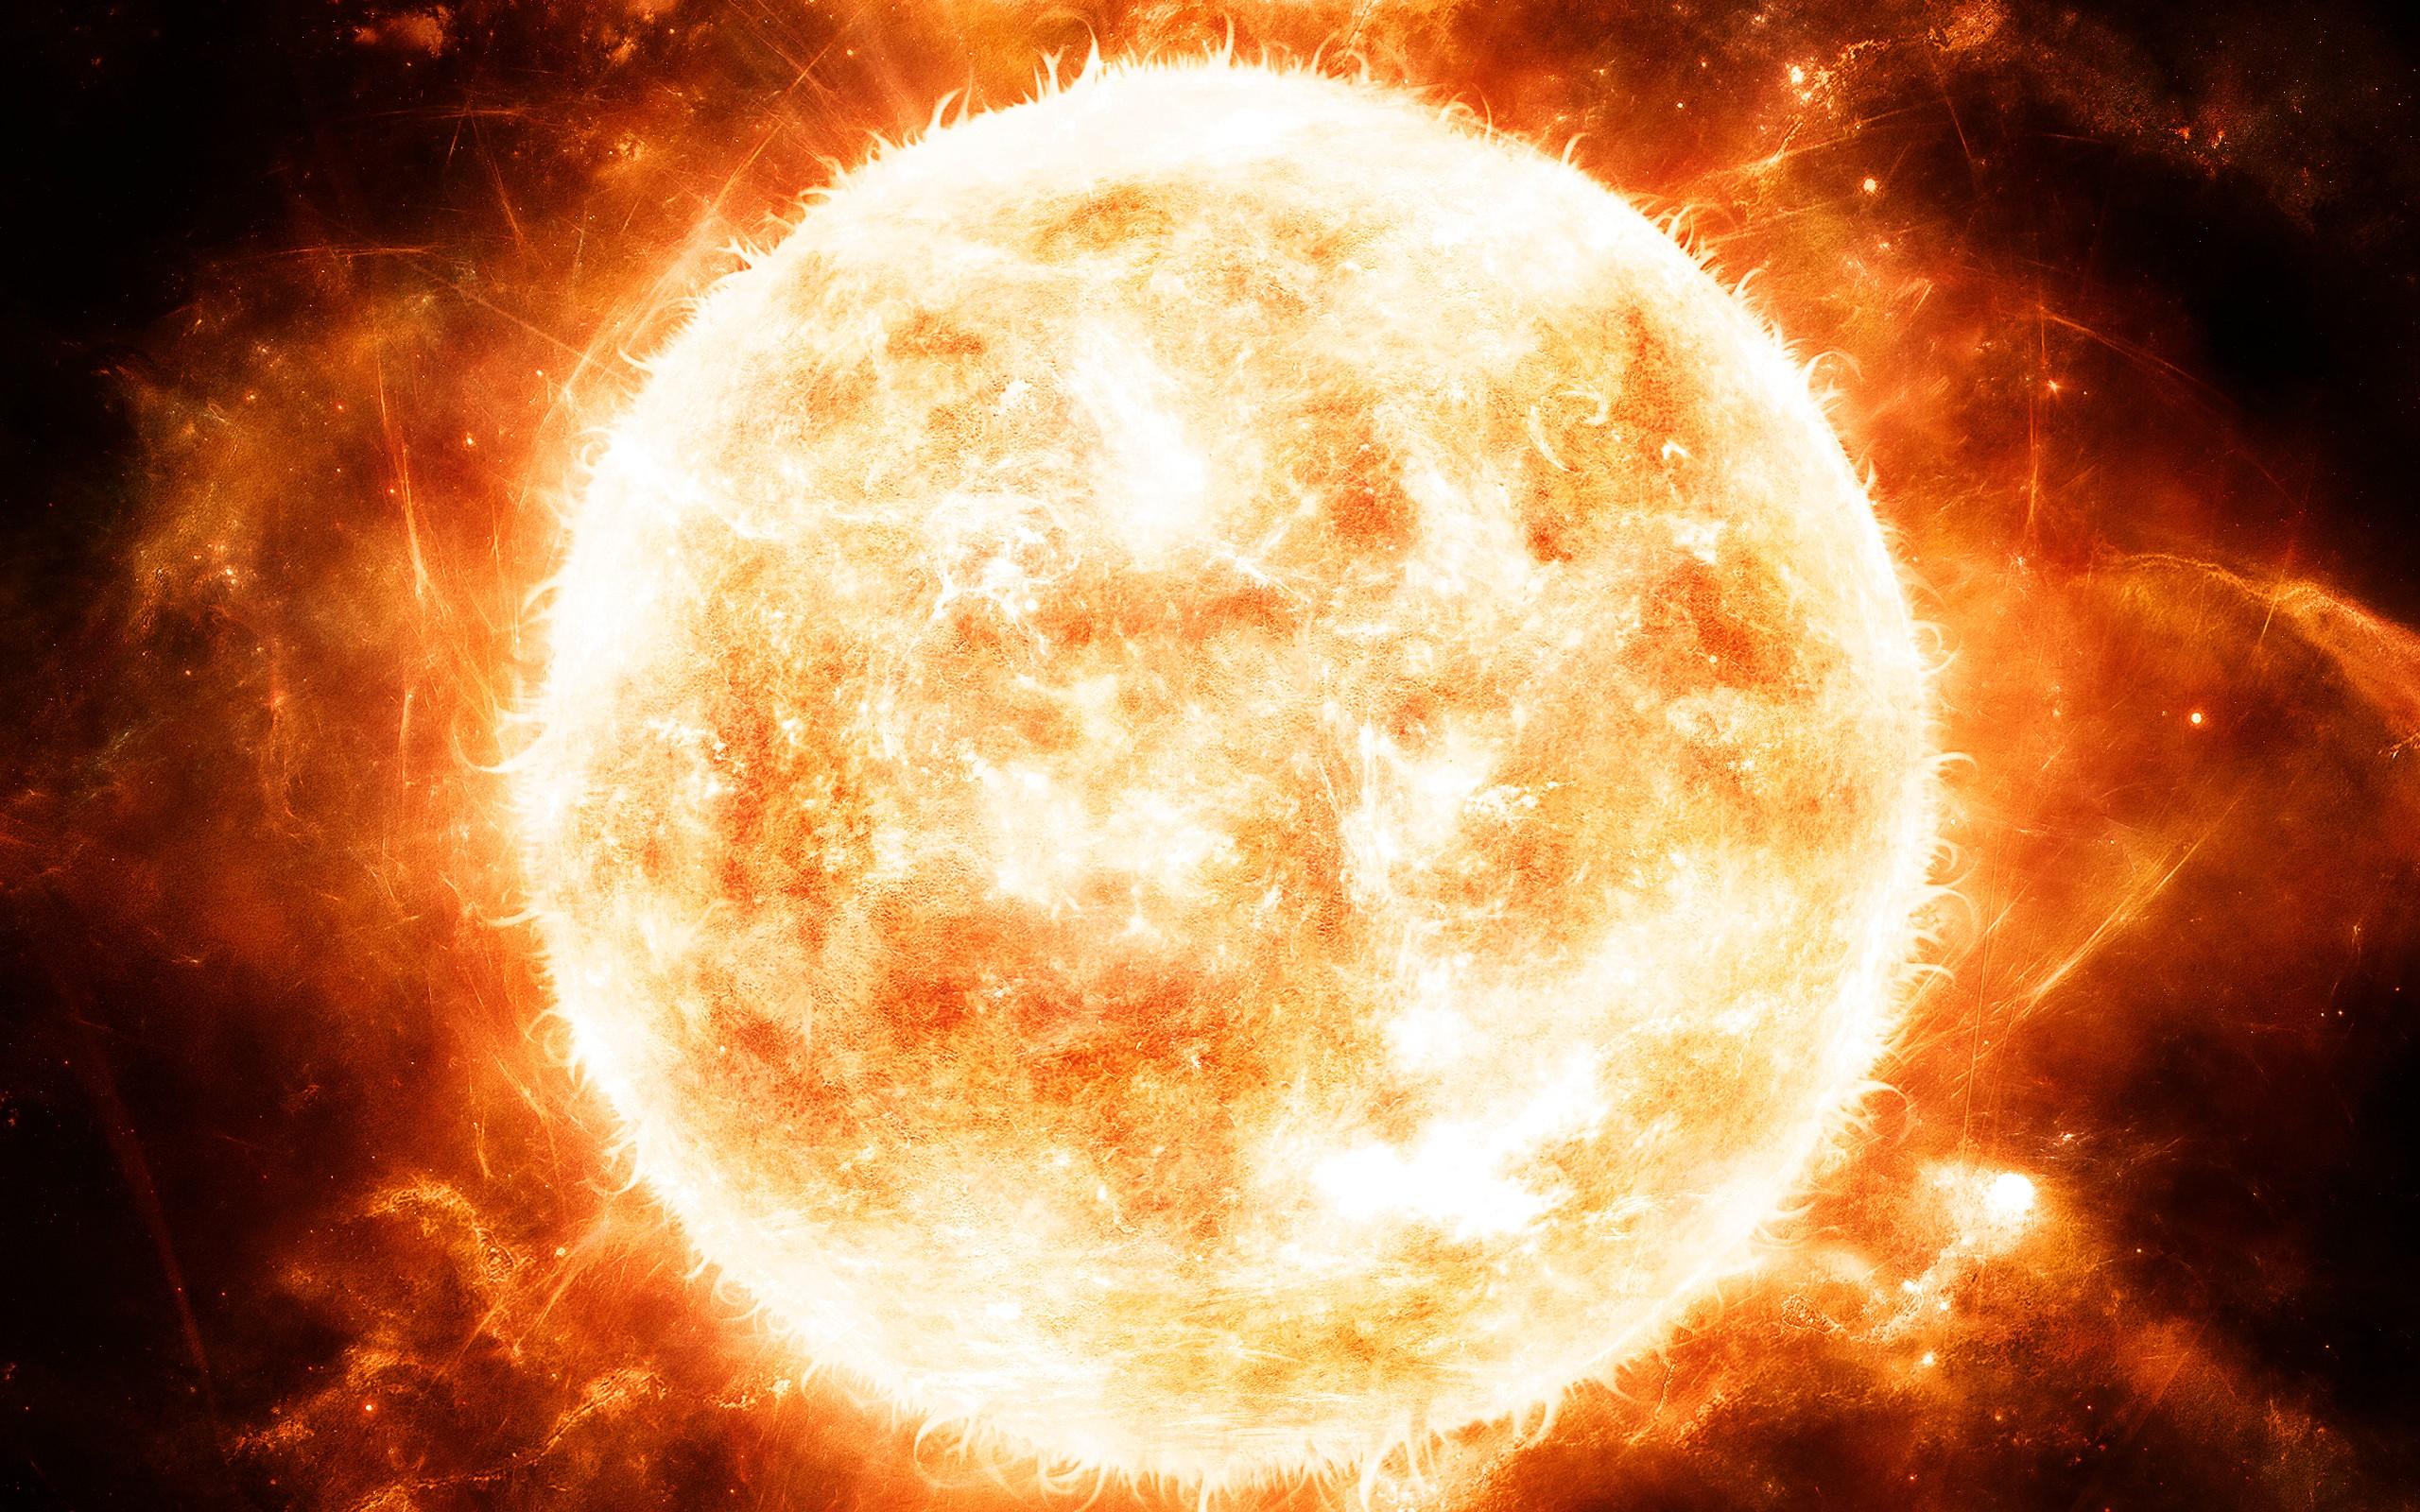 Обои кот солнце звезды картинки на рабочий стол на тему Космос - скачать загрузить